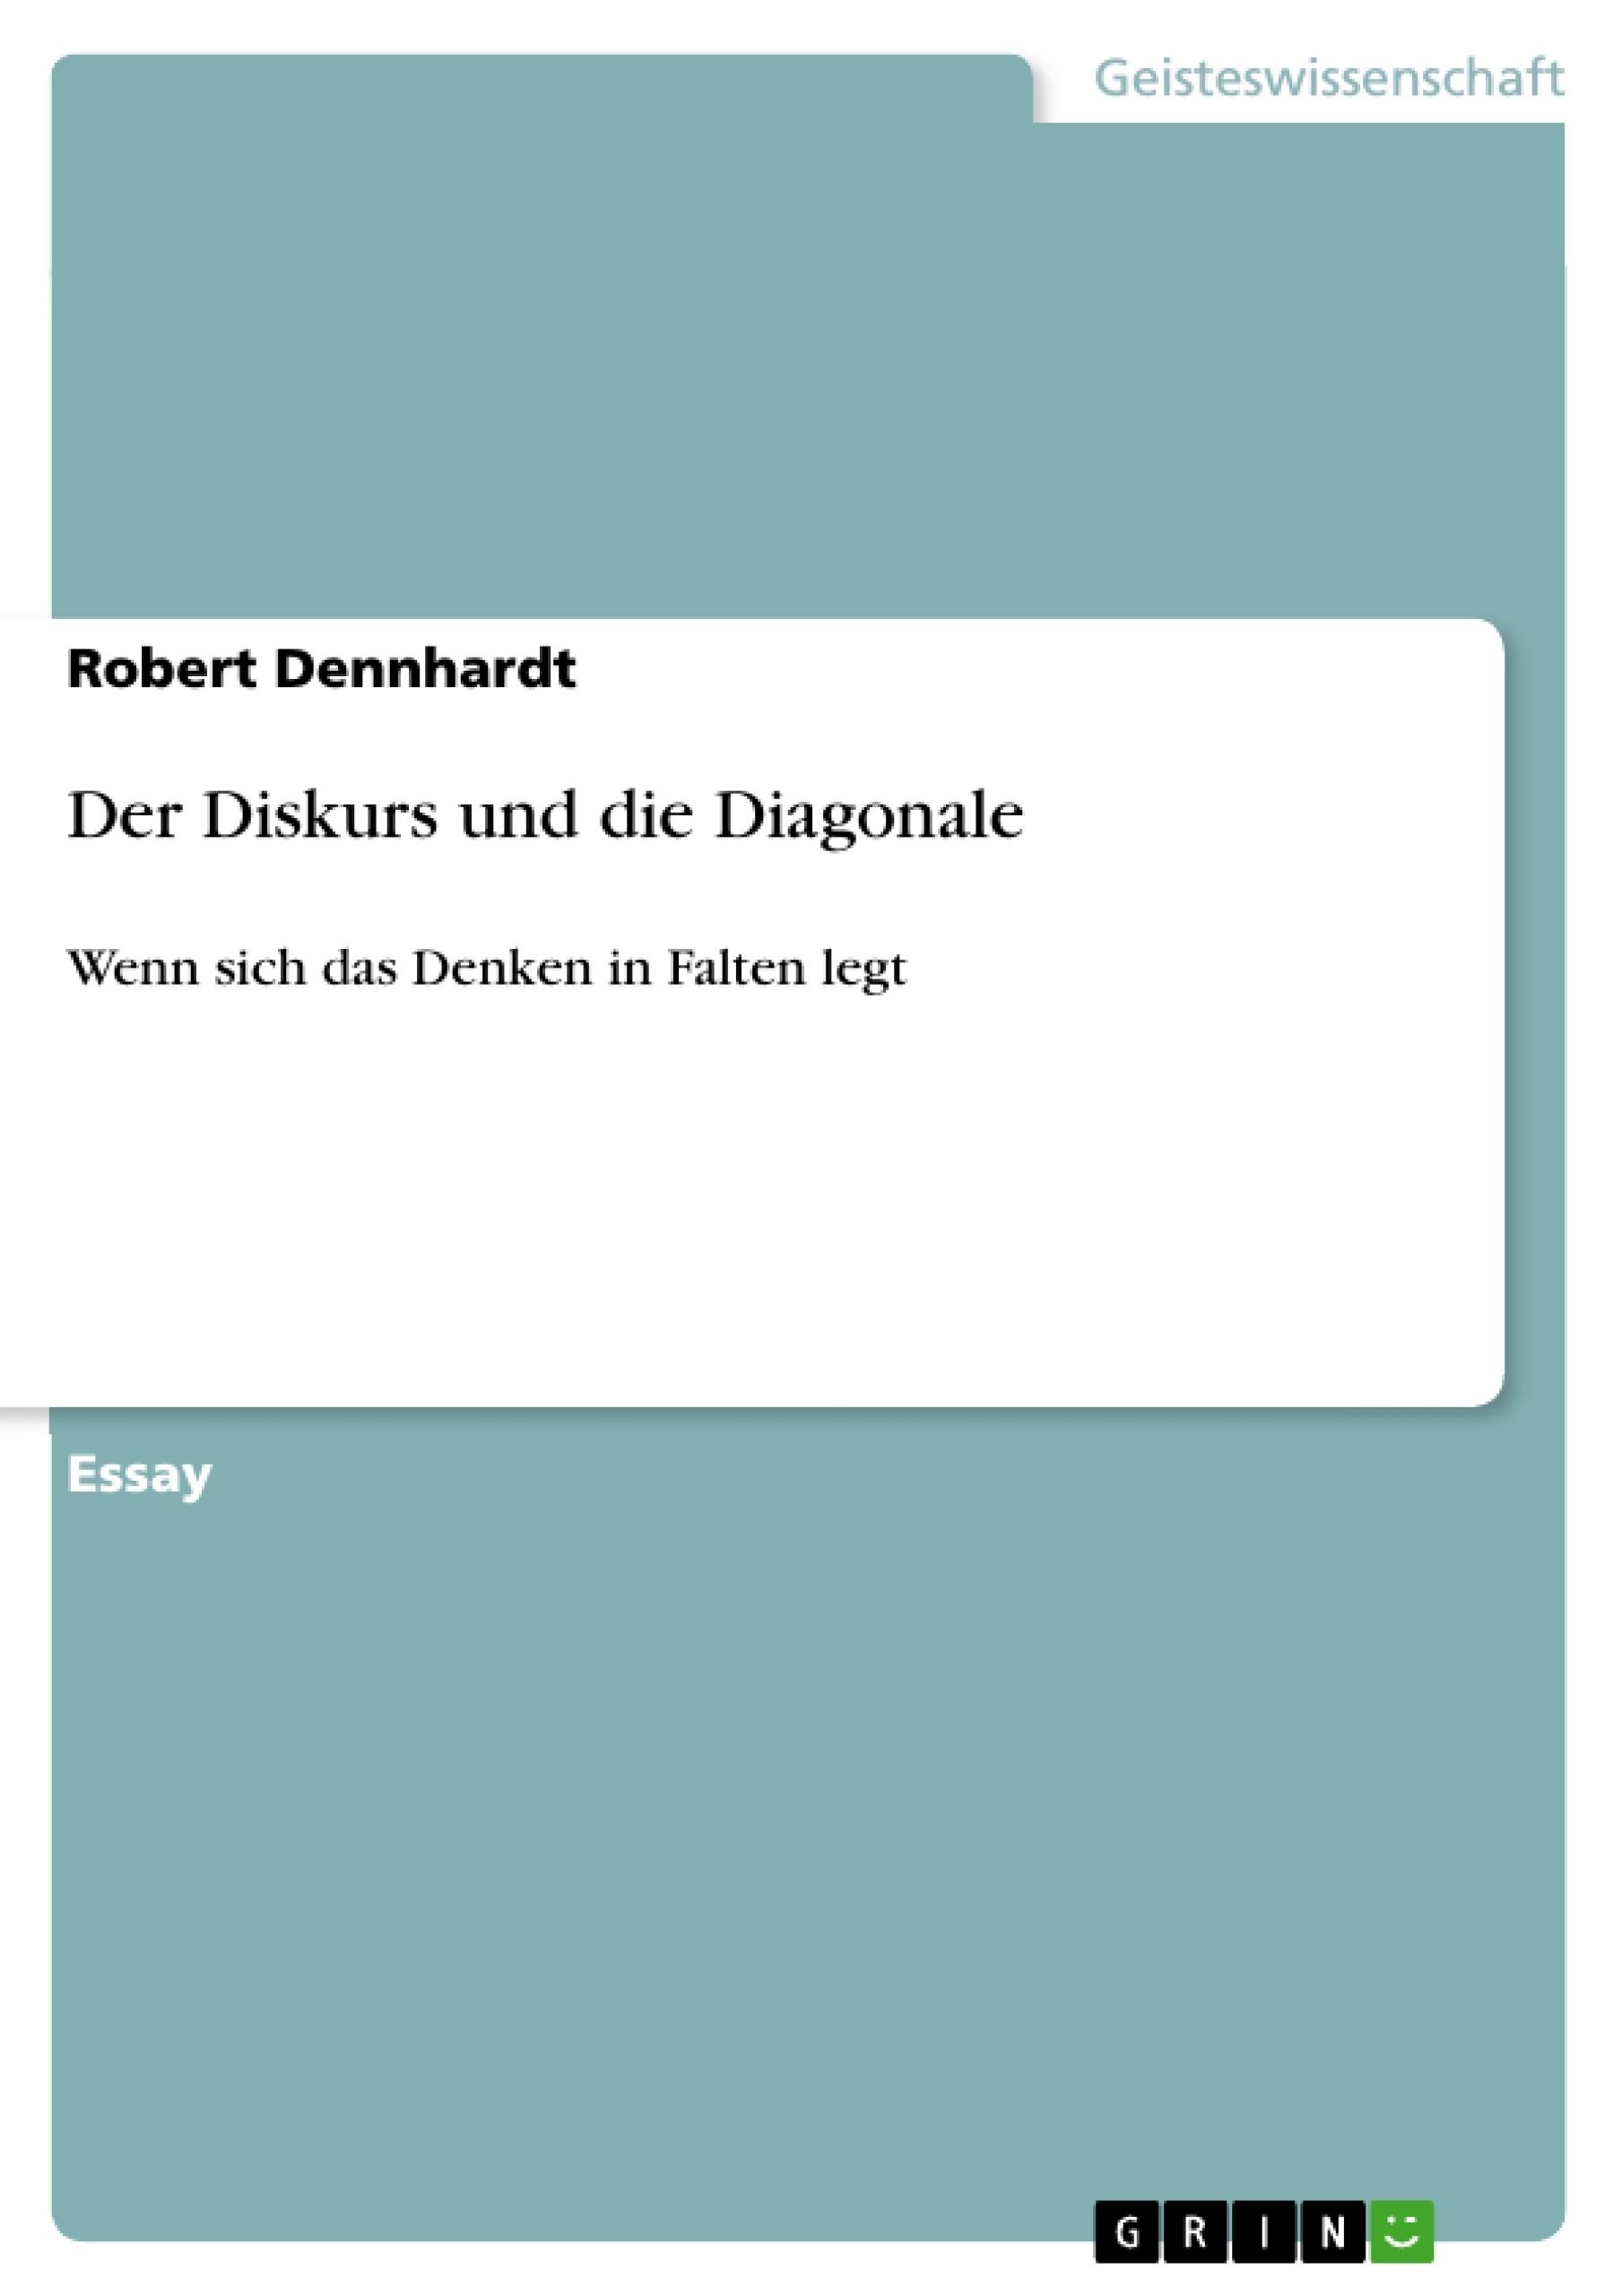 Titel: Der Diskurs und die Diagonale